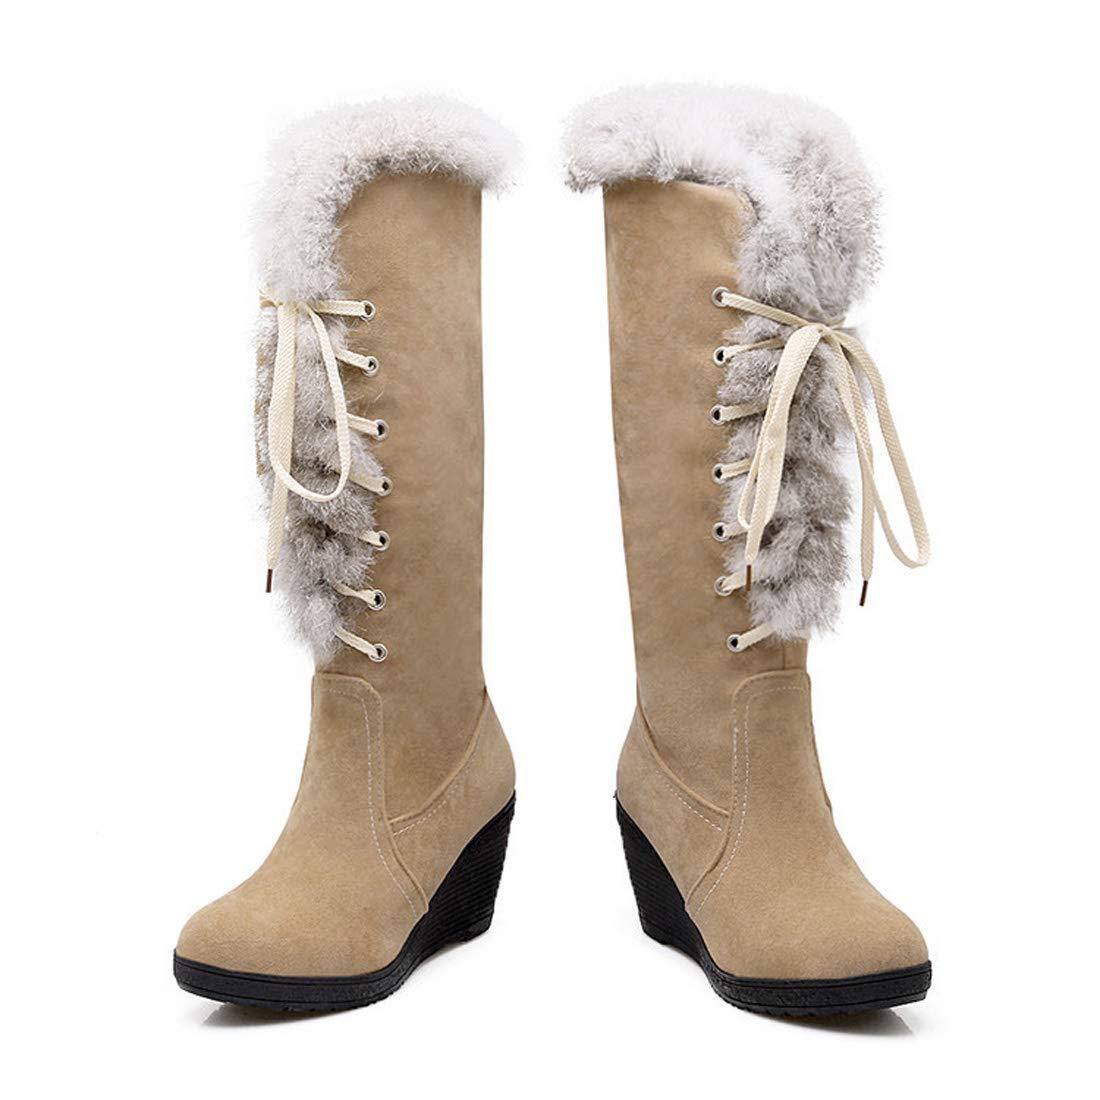 DANDANJIE Damen Kniehohe Stiefel Keilabsatz Lace-up Fashion Stiefel Schuhe für 2018 Herbst Winter